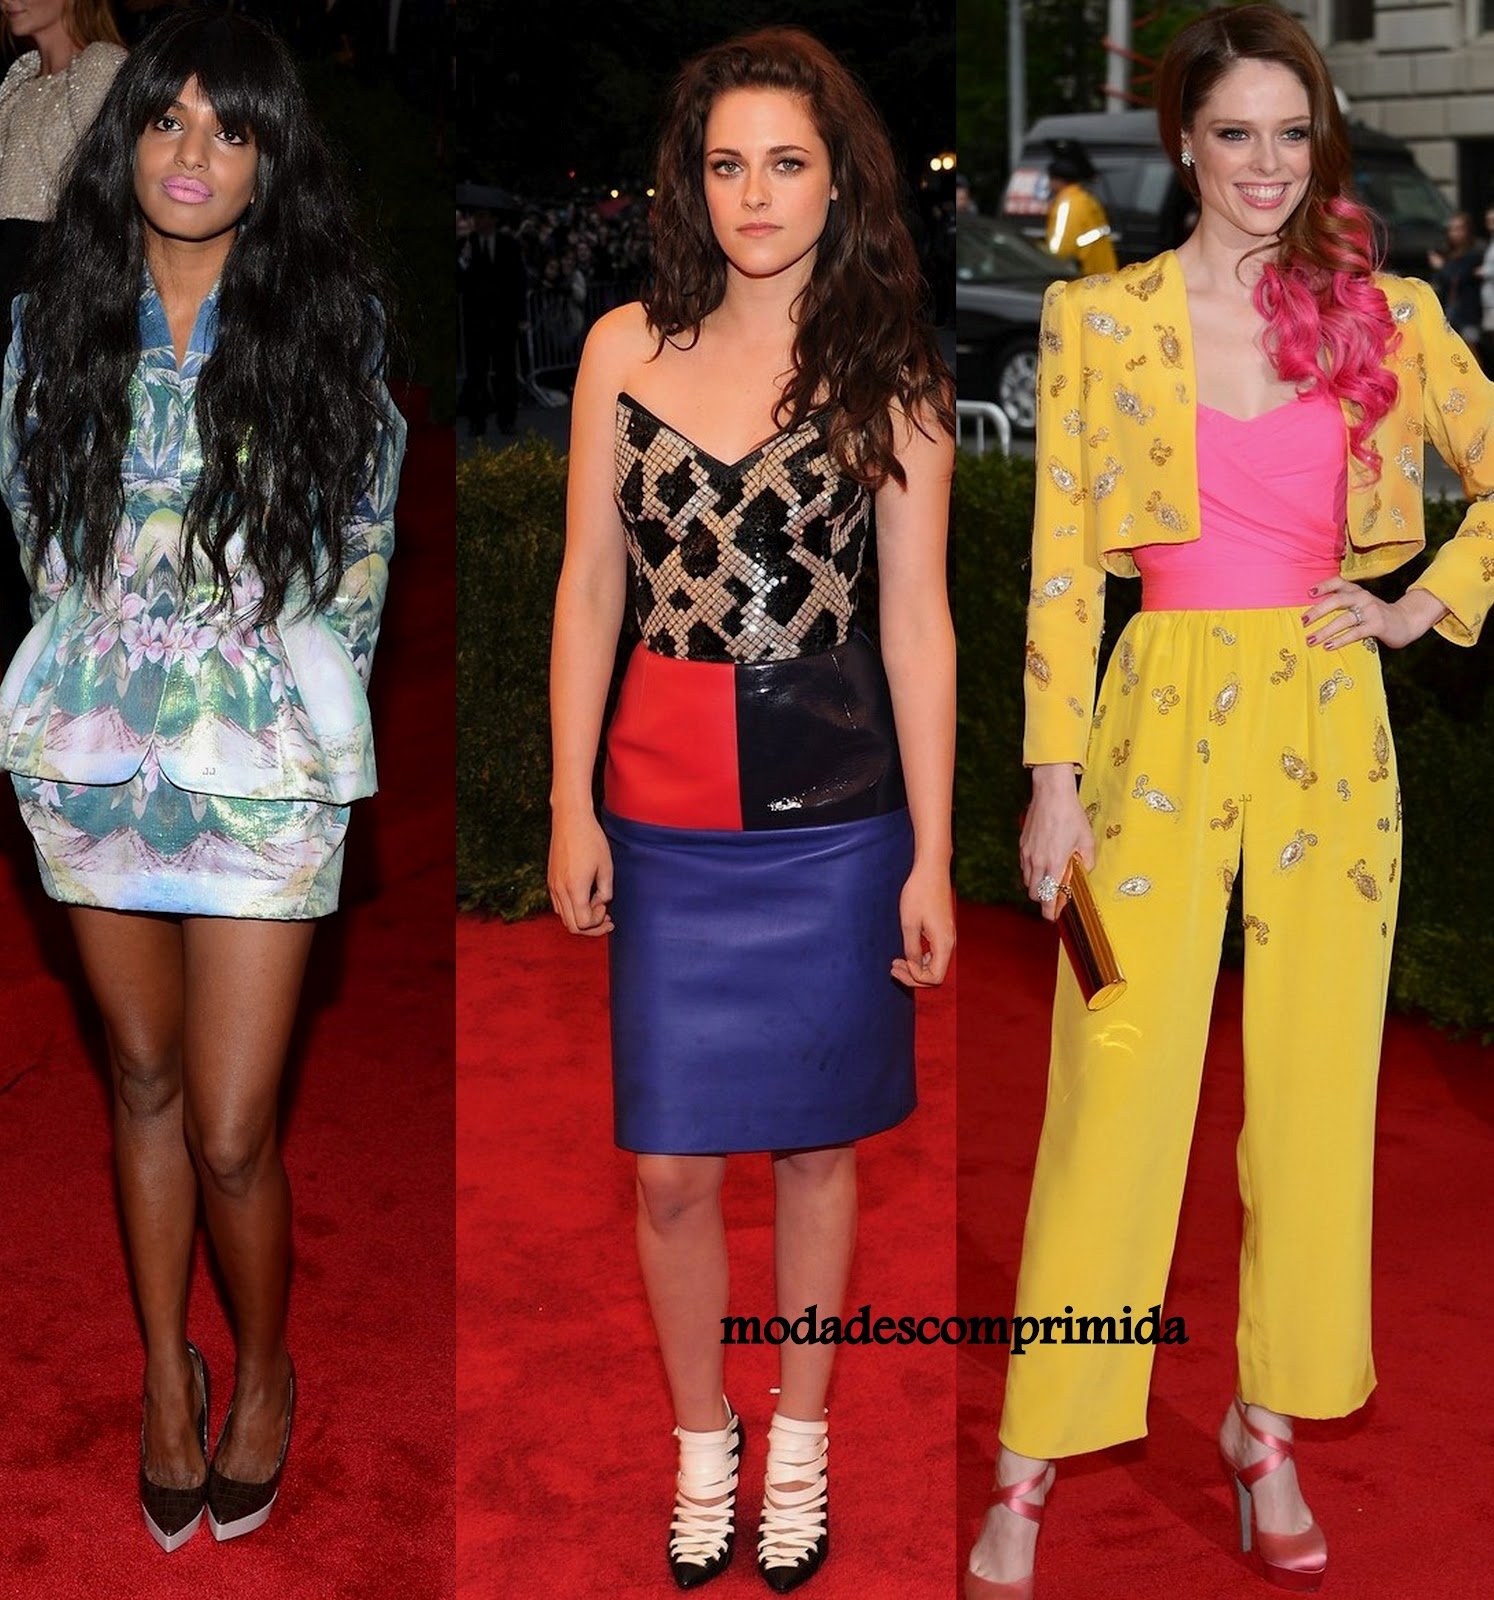 http://3.bp.blogspot.com/--oDB_N6vai4/T6kyZE_MfeI/AAAAAAAAEYw/RXAVkCt3xfw/s1600/M.I.A,+Kristen+Stewart+y+Coco+Rochas-+Met+Ball+2012.jpg